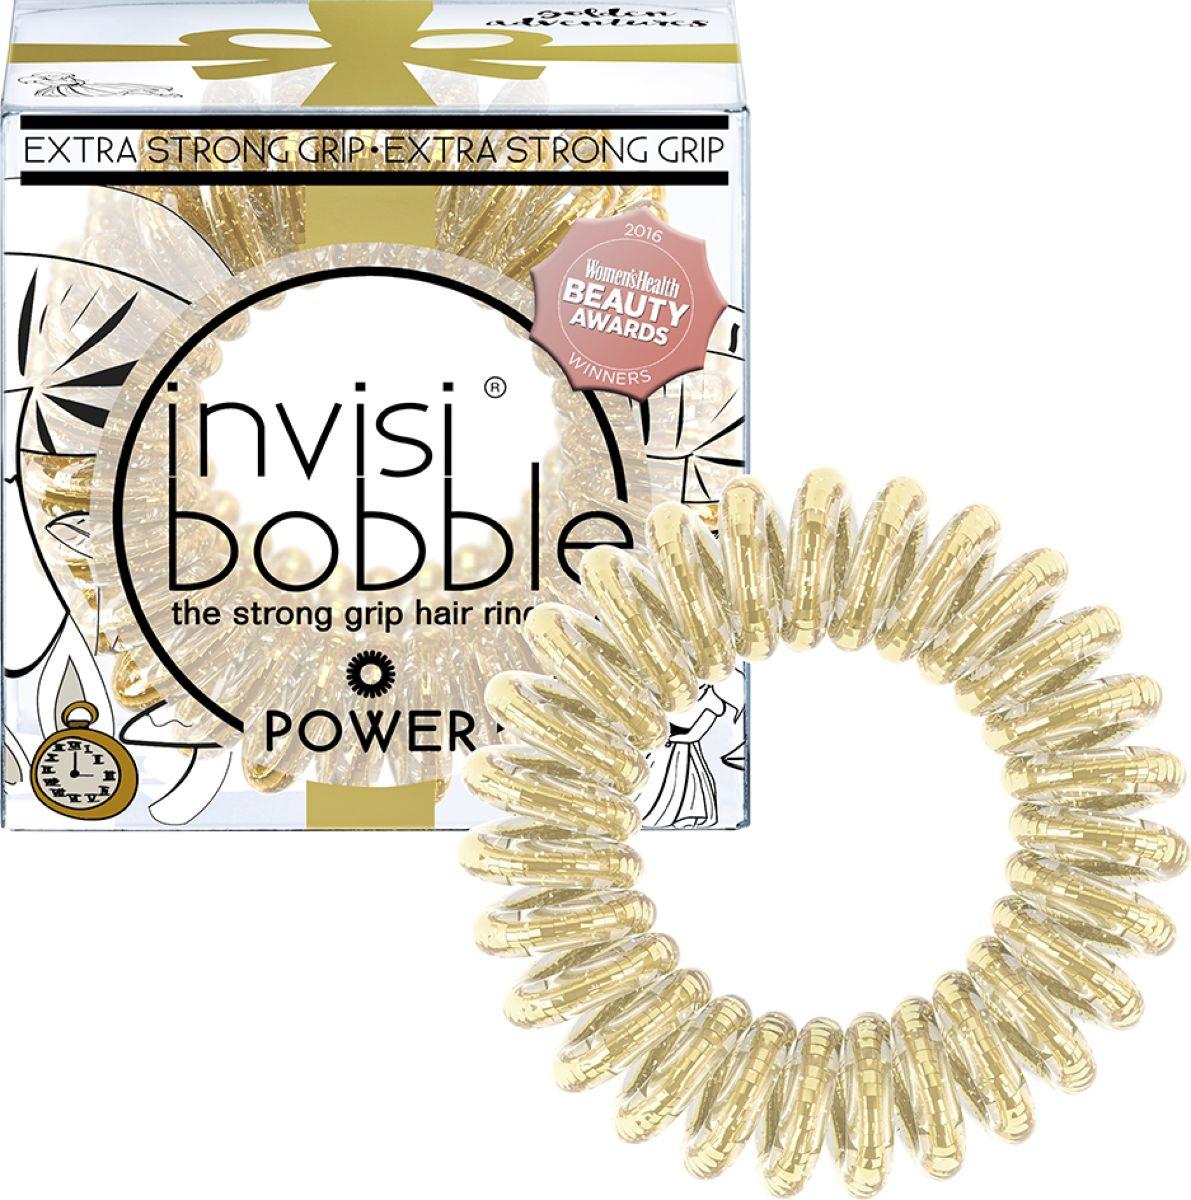 Invisibobble Резинка-браслет для волос Power Golden Adventure, 3 шт3110Резинки-браслеты Invisibobble Power Golden Adventures сияющего золотого цвета из лимитированной тематической коллекции Invisibobble I Live in Wonderland. Эксклюзивная упаковка с тематическим рисунком подарит настроение волшебных приключений!Коллекция Invisibobble Power создана для всех, кто ведёт активный образ жизни! Резинки-браслеты Invisibobble Power немного больше в размере, чем Invisibobble Original, а также имеют более плотные витки. Это позволяет плотно фиксировать волосы во время занятий спортом и активного отдыха. Invisibobble Power также идеальны для густых волос. Резинки подходят для всех типов волос, надежно фиксируют причёску, не оставляют заломы и не вызывают головную боль благодаря неравномерному распределению давления на волосы. Кроме того, они не намокают и не вызывают аллергию при контакте с кожей, поскольку изготовлены из искусственной смолы.